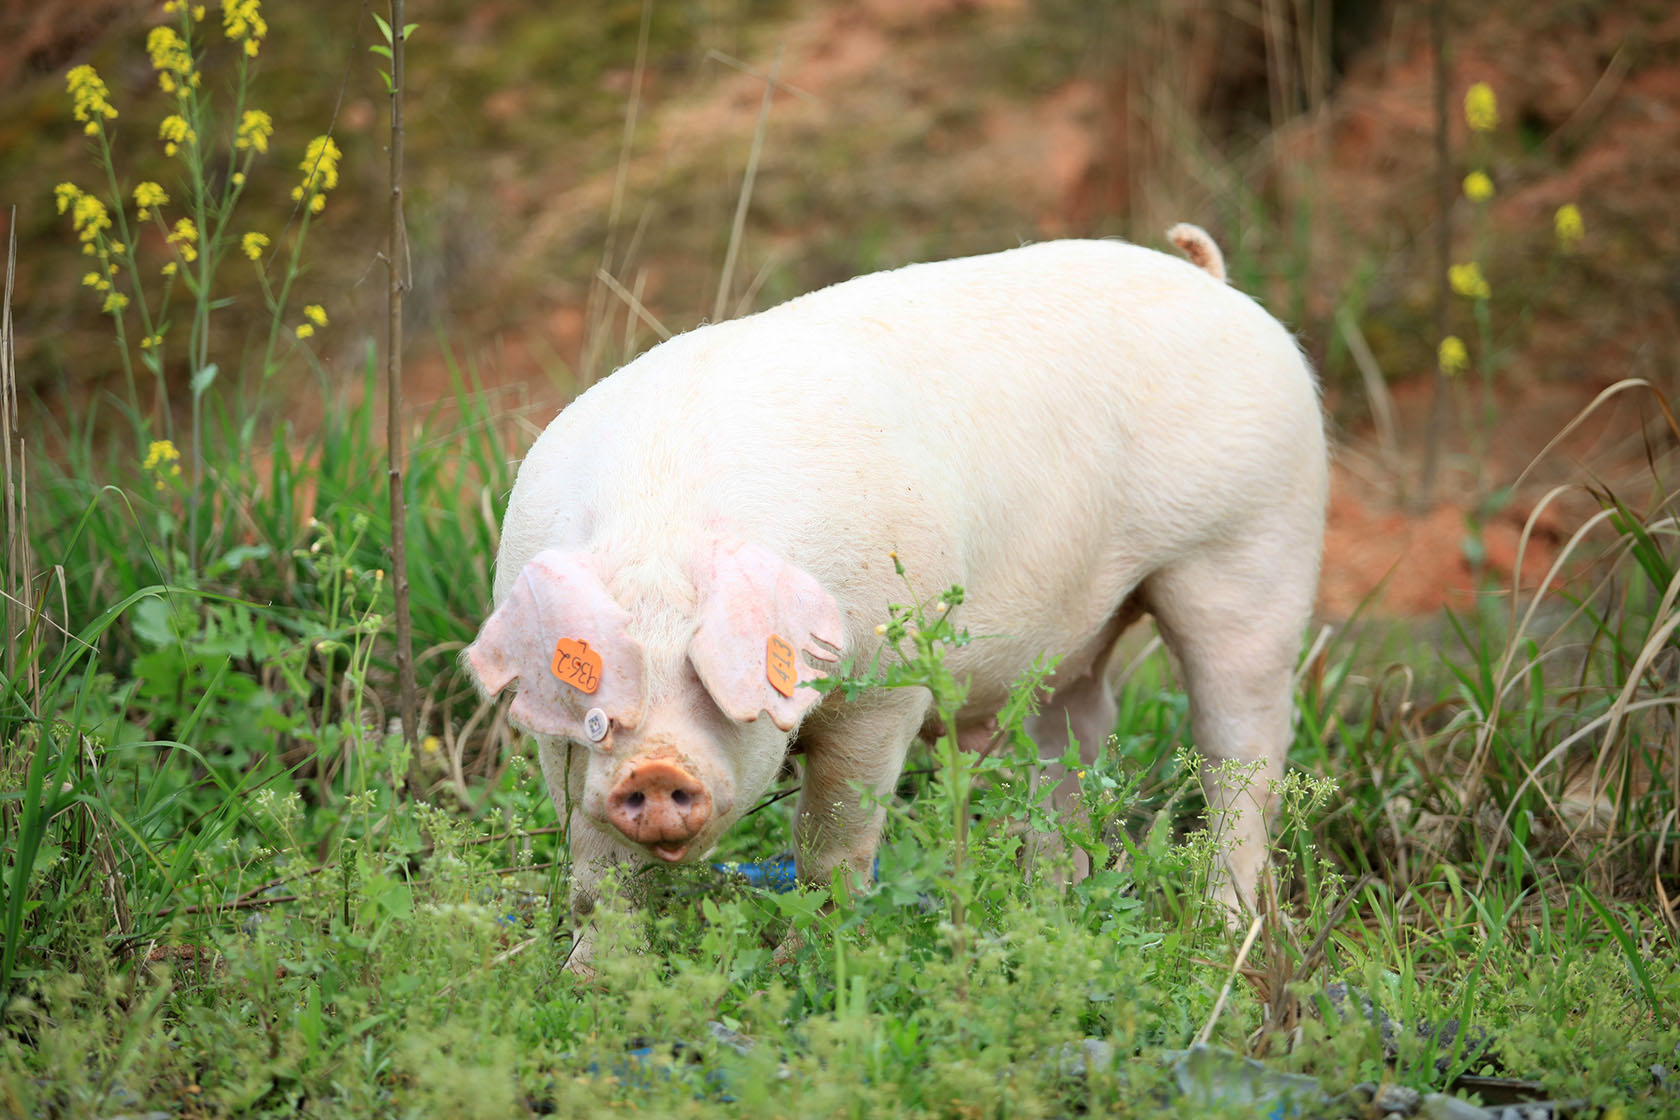 2020年11月18日全国各省市20公斤仔猪价格行情报价,北方和西南地区价差大,为后期违法贩运埋下祸根?